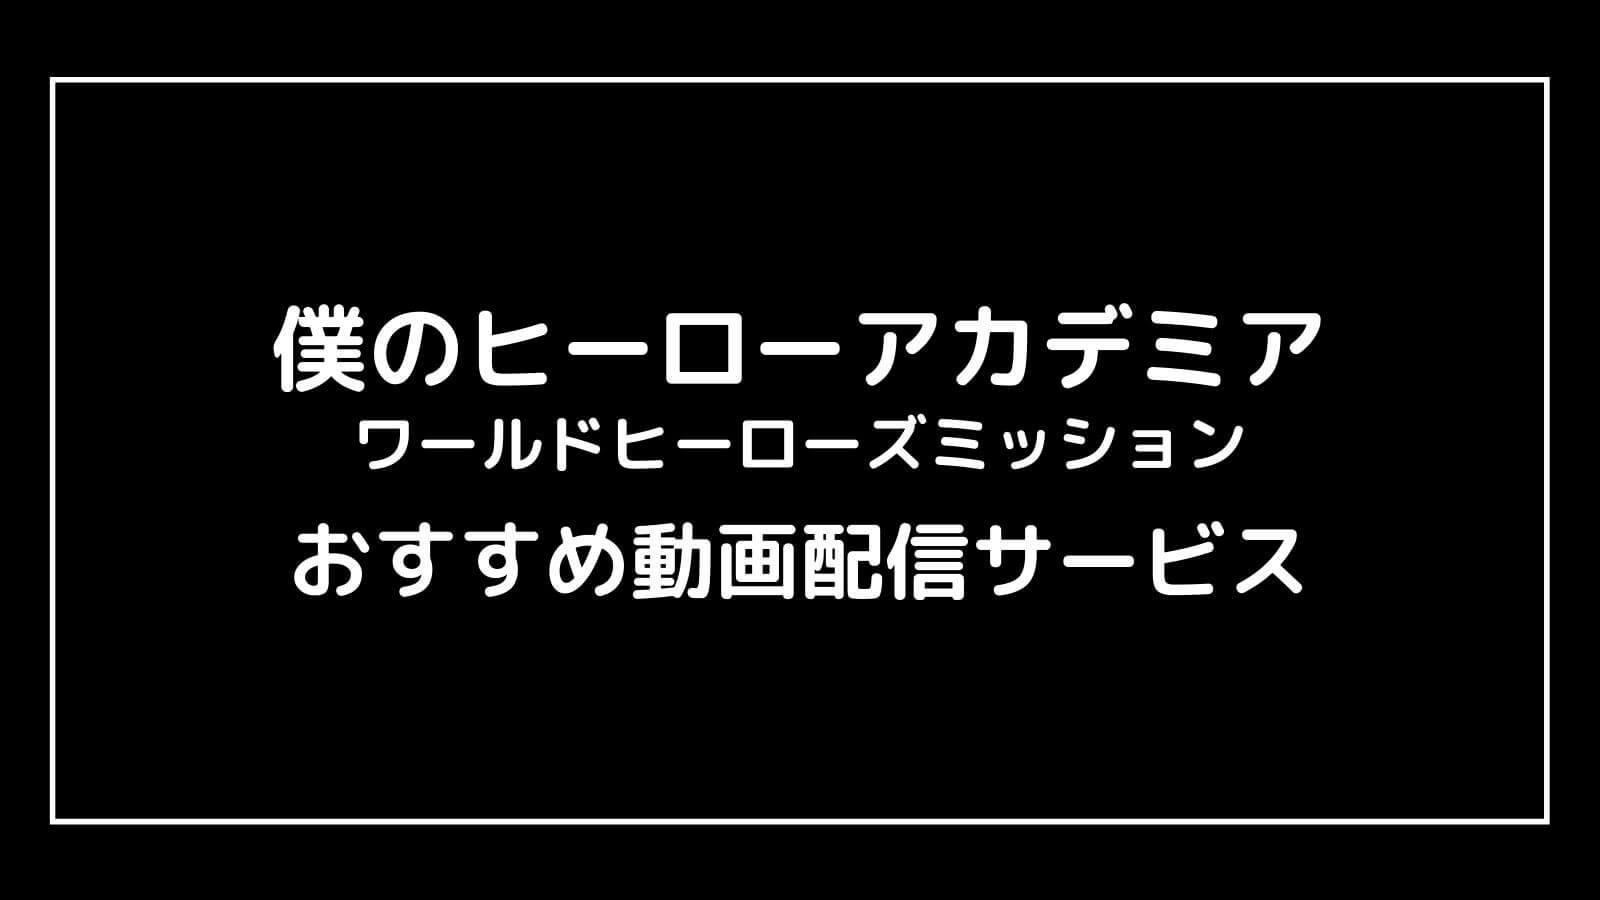 映画『僕のヒーローアカデミア3』の配信を無料視聴できるおすすめ動画配信サイト【ワールド ヒーローズ ミッション】